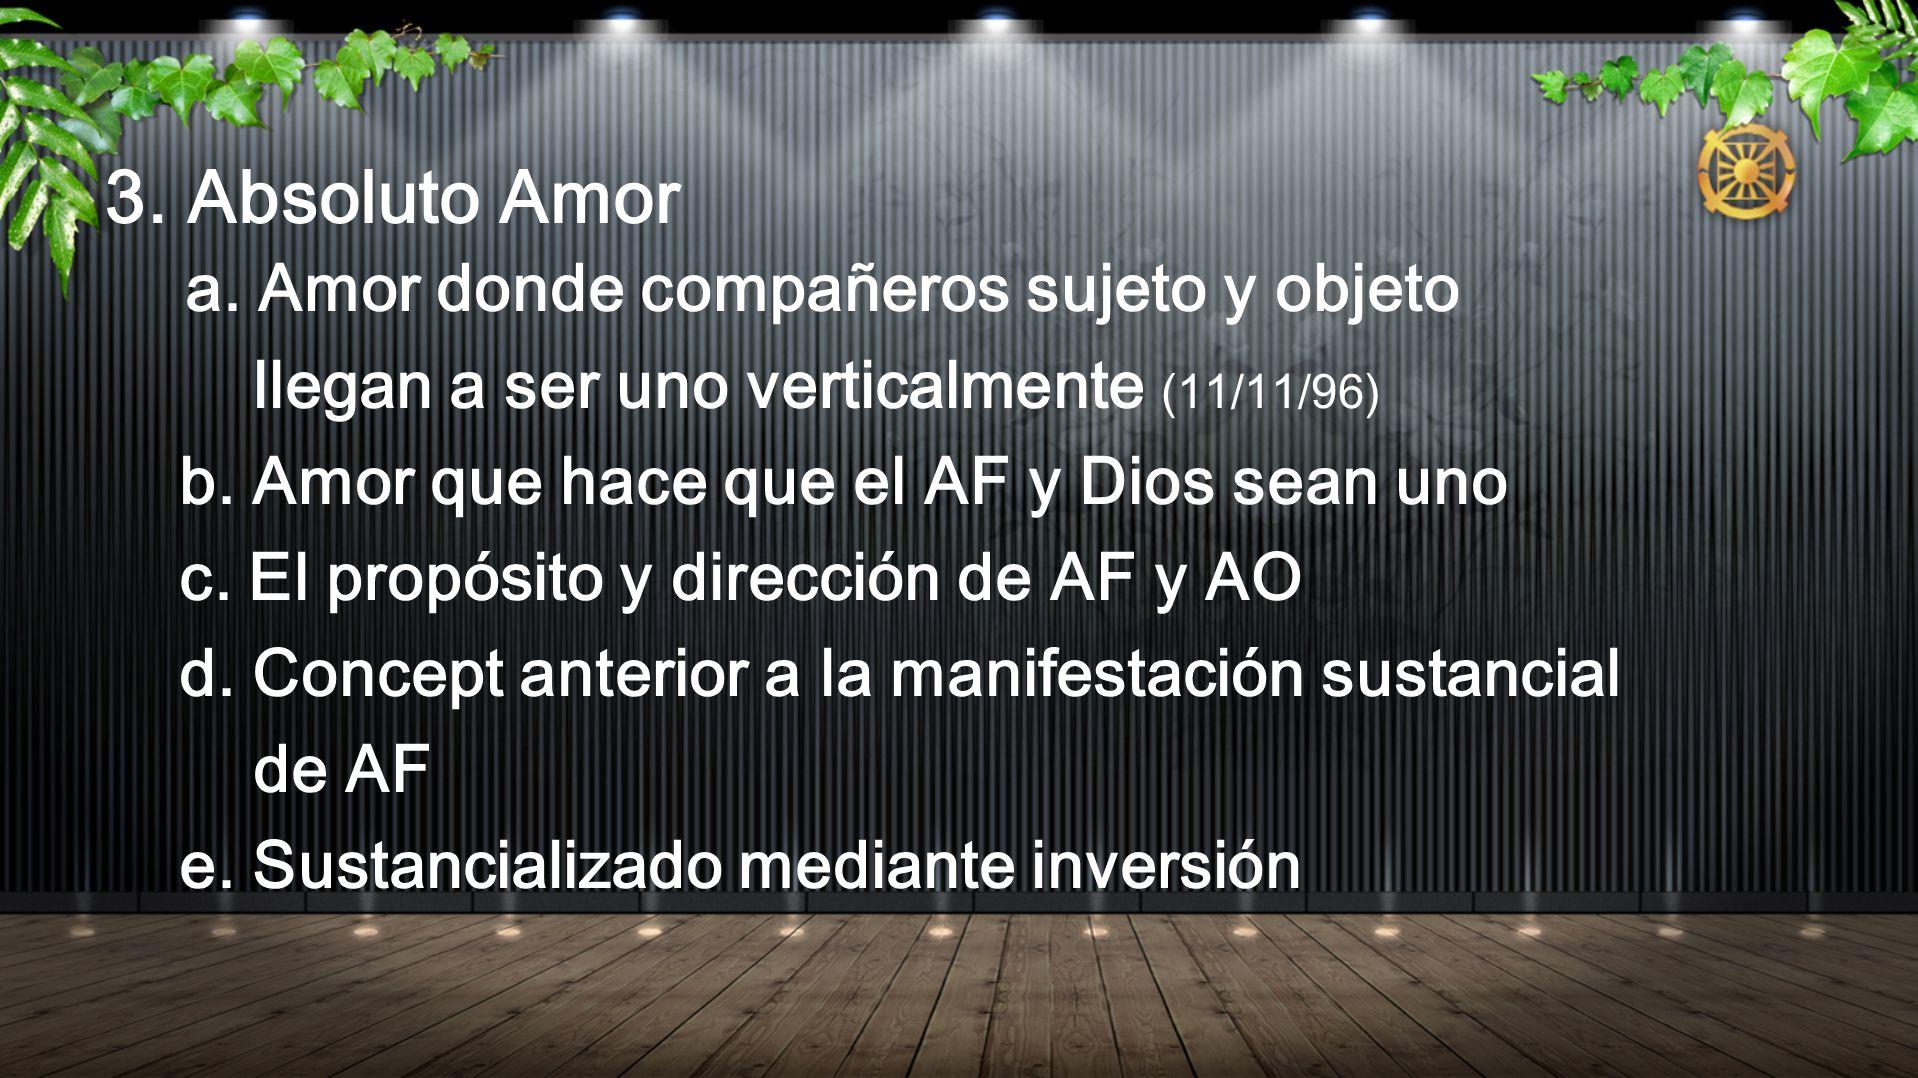 3. Absoluto Amor a. Amor donde compañeros sujeto y objeto llegan a ser uno verticalmente (11/11/96) b. Amor que hace que el AF y Dios sean uno c. El p